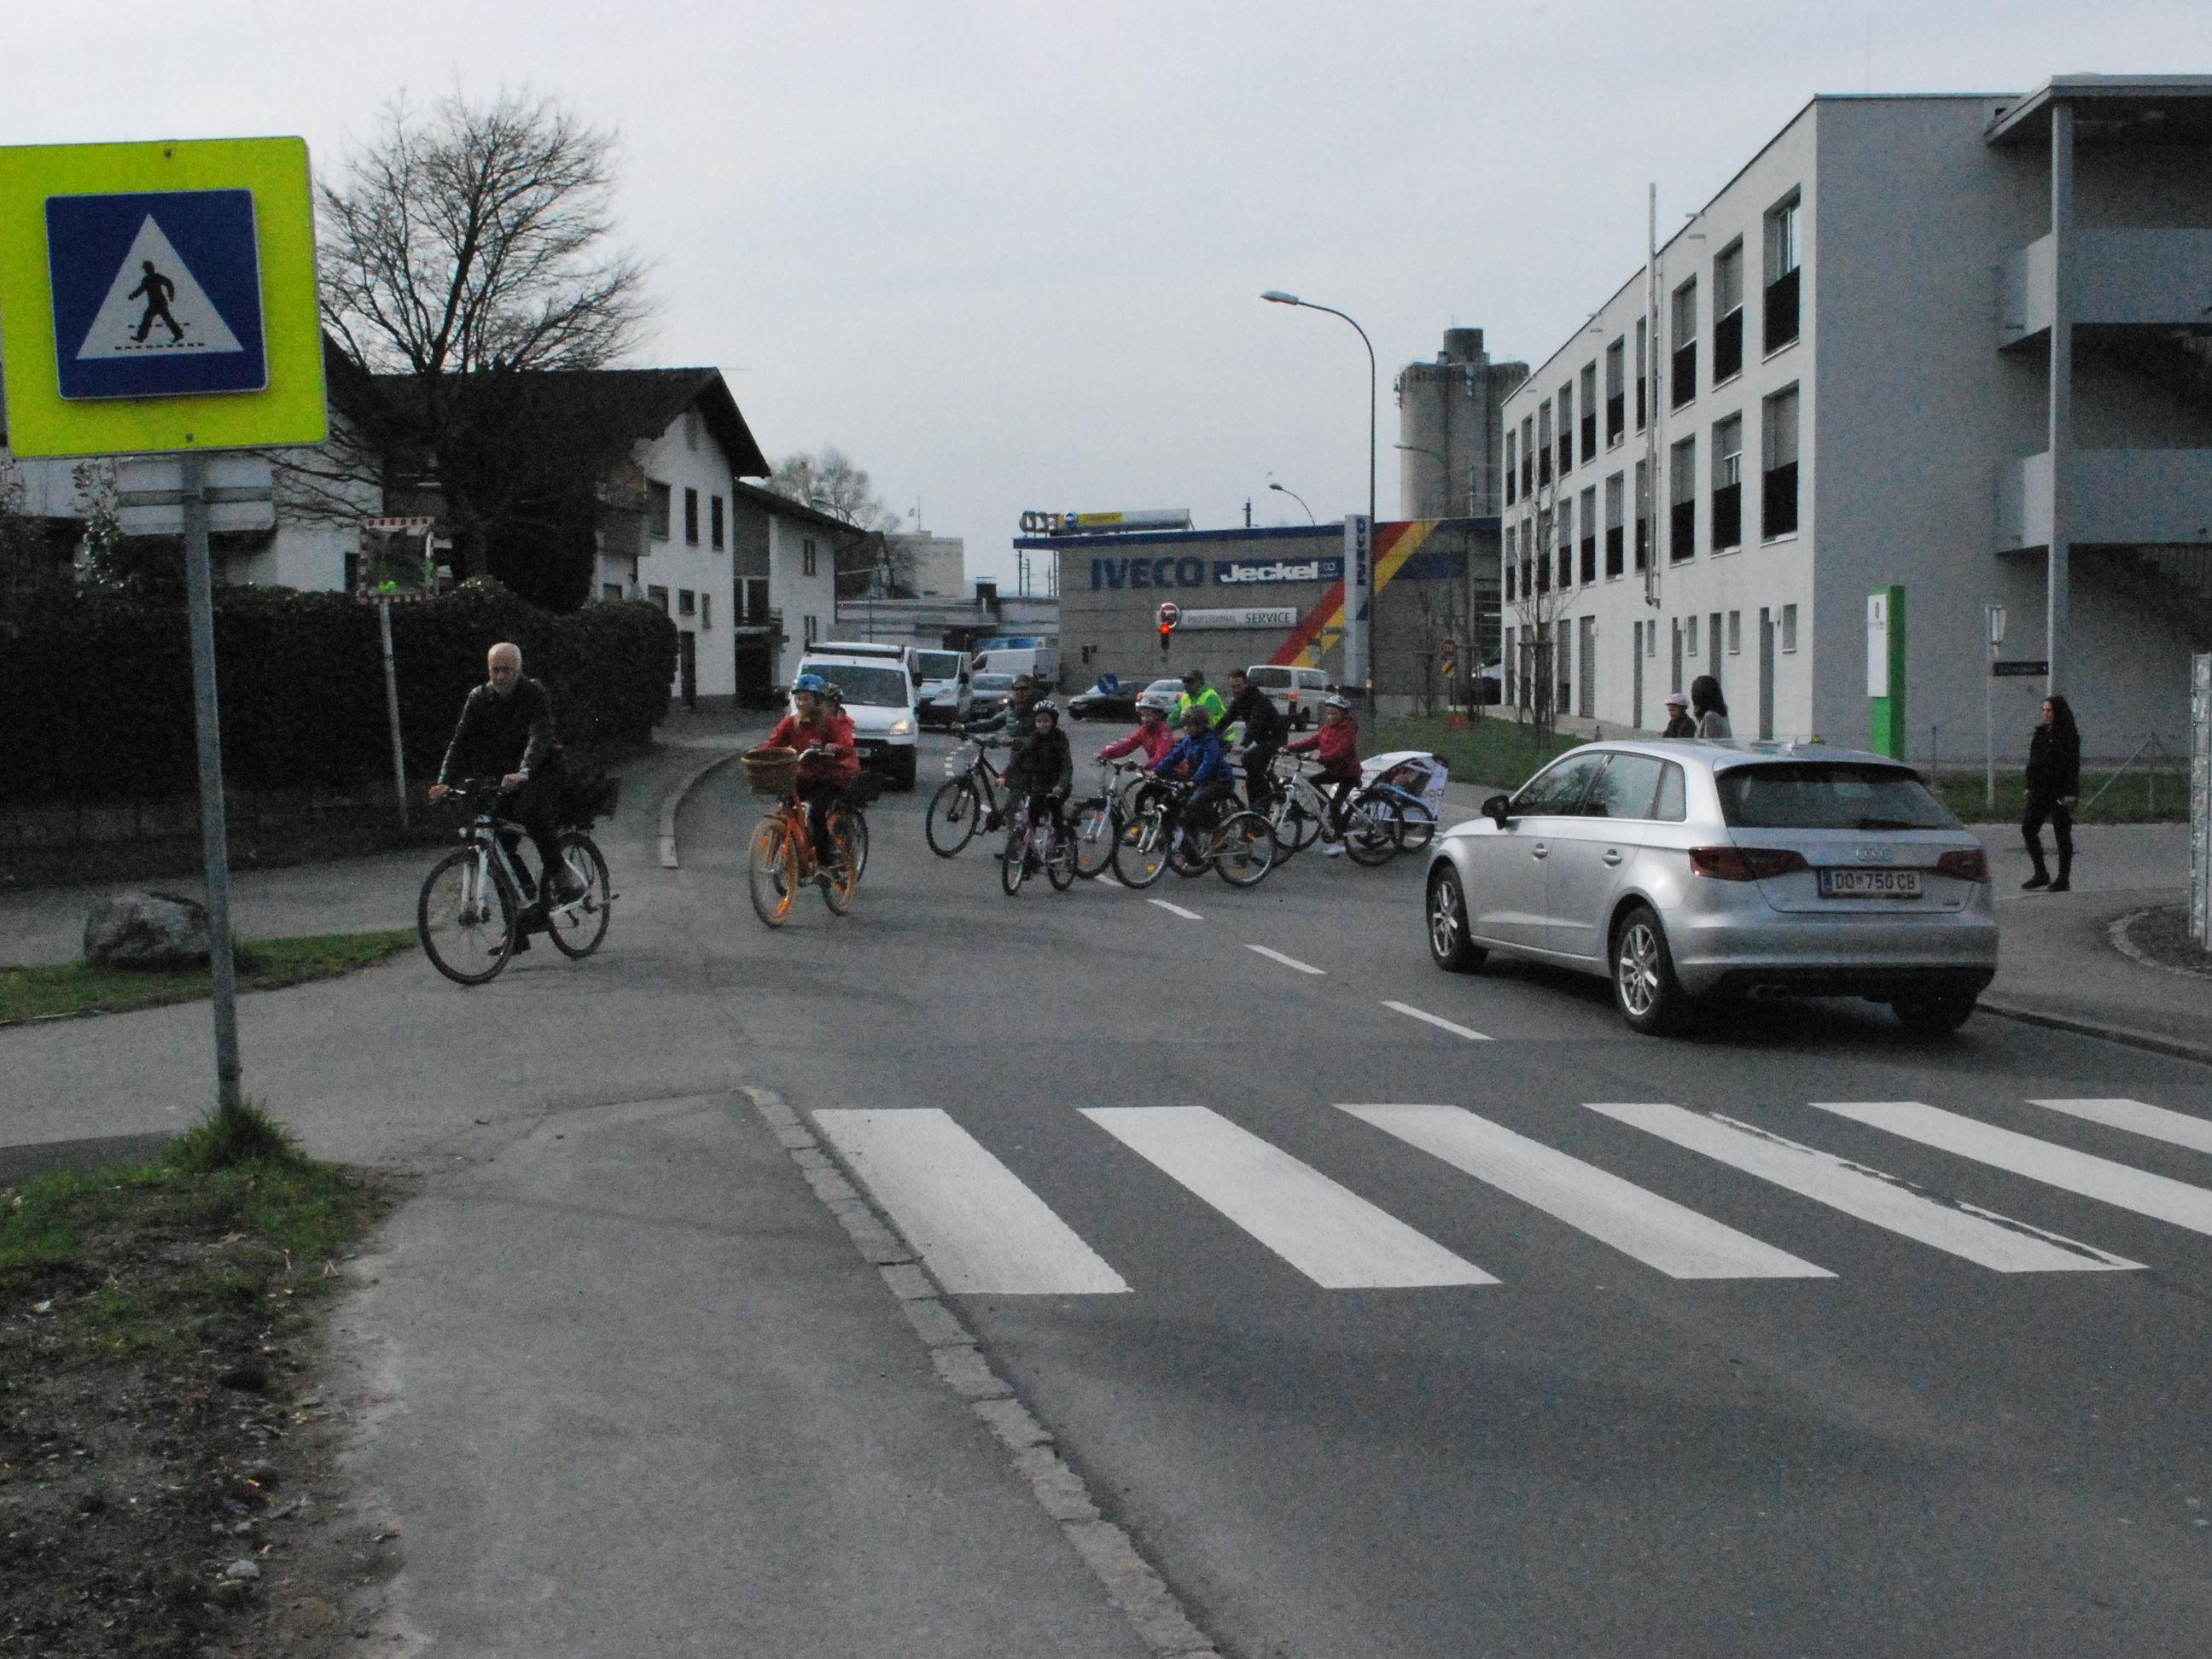 Die Querung für Radfahrer und Fußgänger der L 41 Zellgasse soll möglichst rasch sicherer gemacht werden.